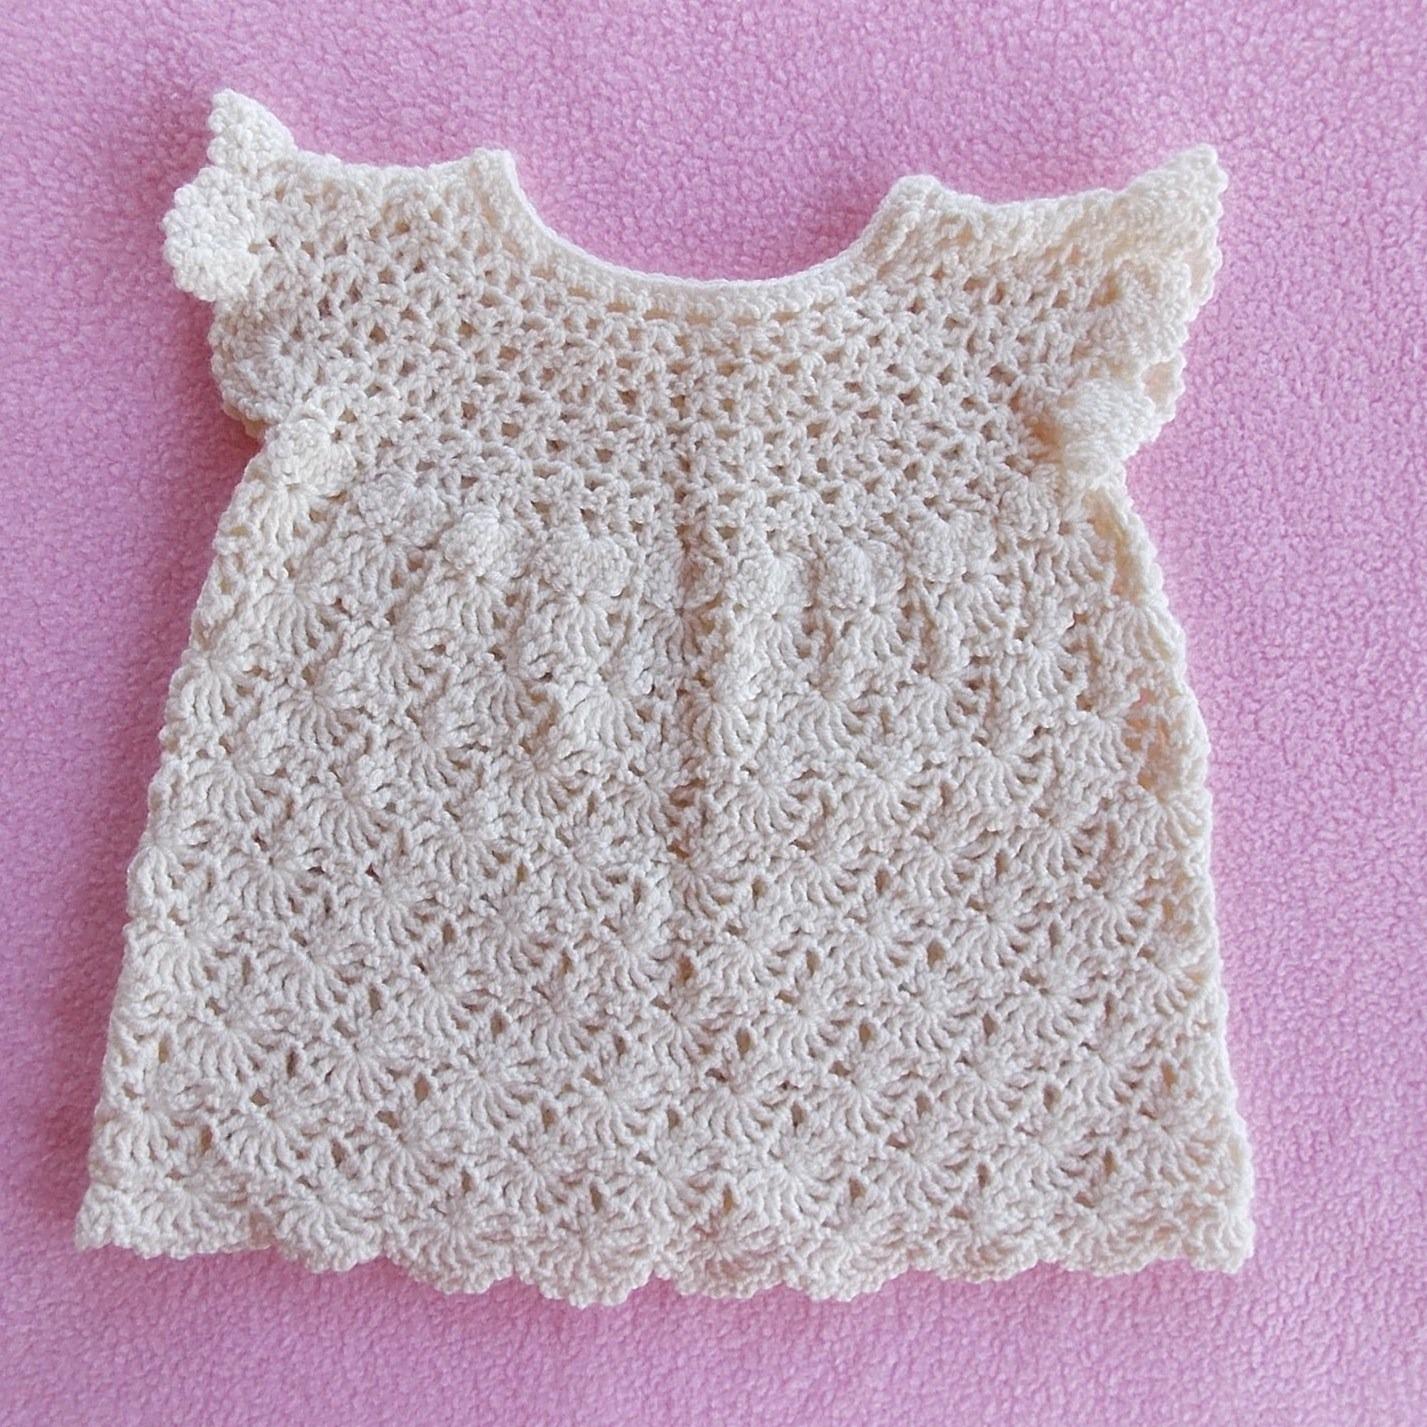 Robe bebe fille naissance patron robe petite fille 3 ans 4 ans 5 ans 6 ans couture facile enfant 6 - Patron couture bebe naissance ...